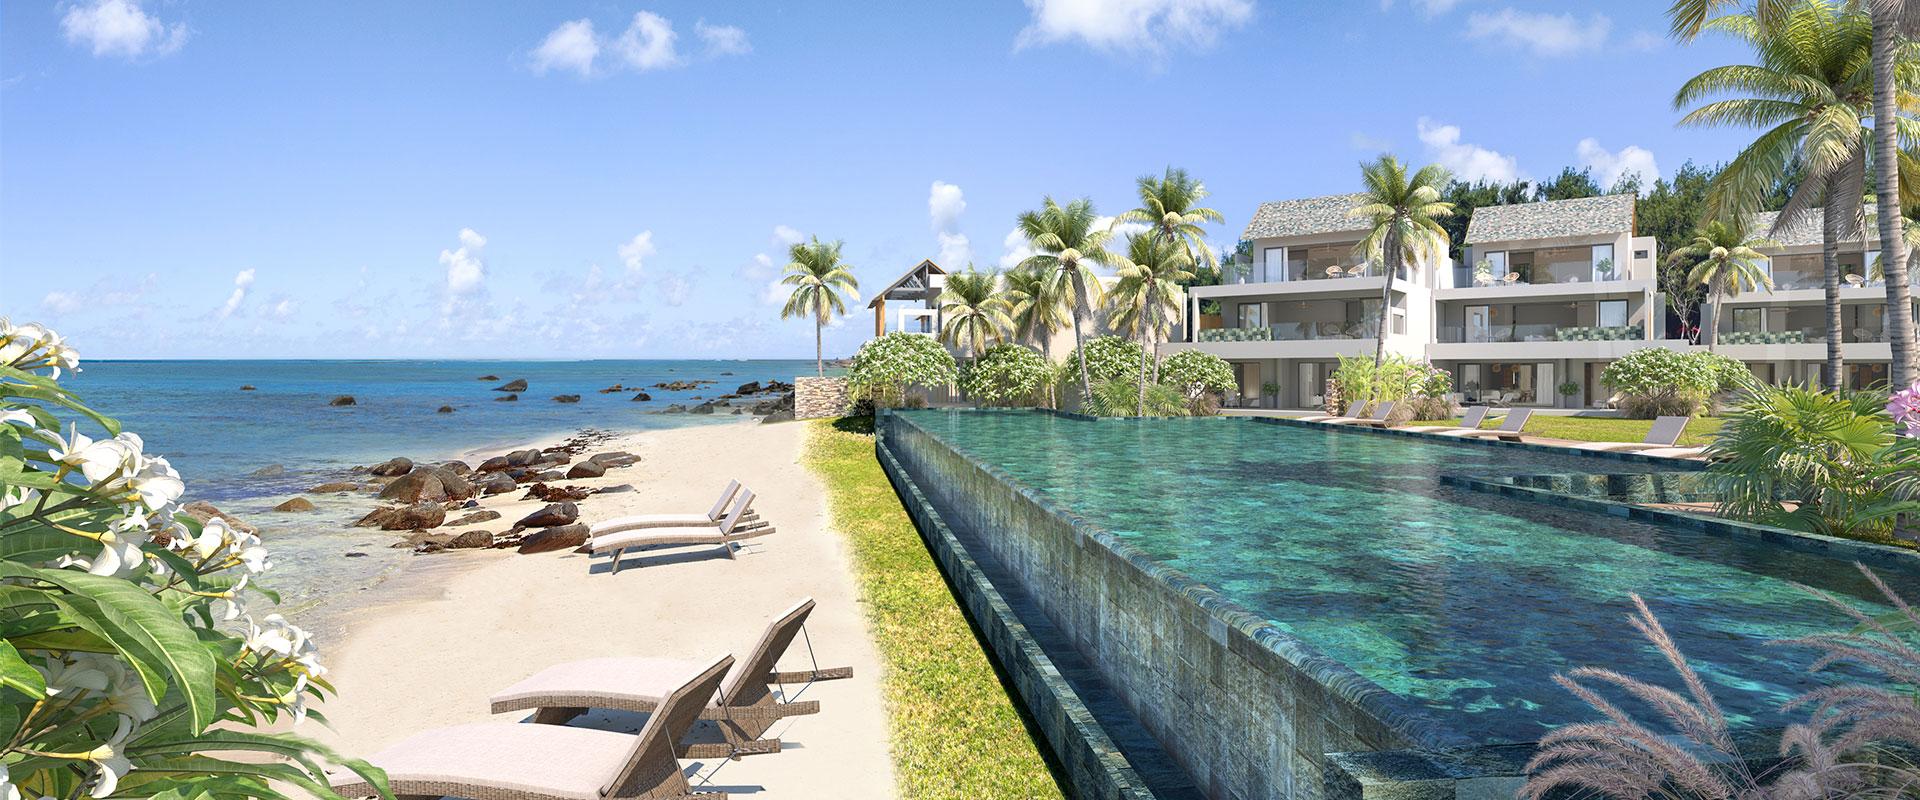 Achat Appartement  235m2 bord de mer piscine privé   Avantages Fiscaux